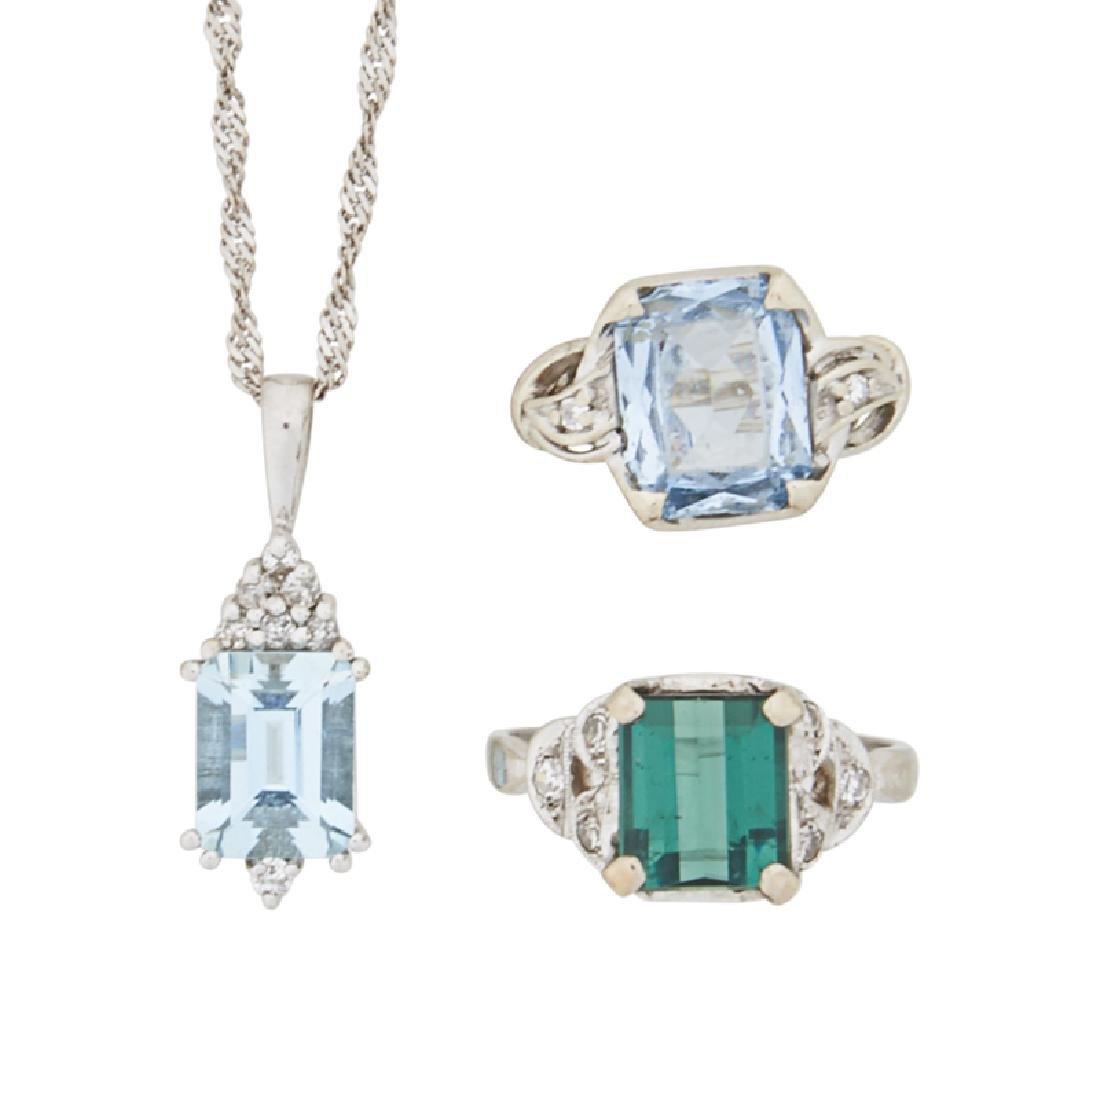 """AQUAMARINE OR """"ALEXANDRITE"""" DIAMOND, WHITE GOLD JEWELRY"""